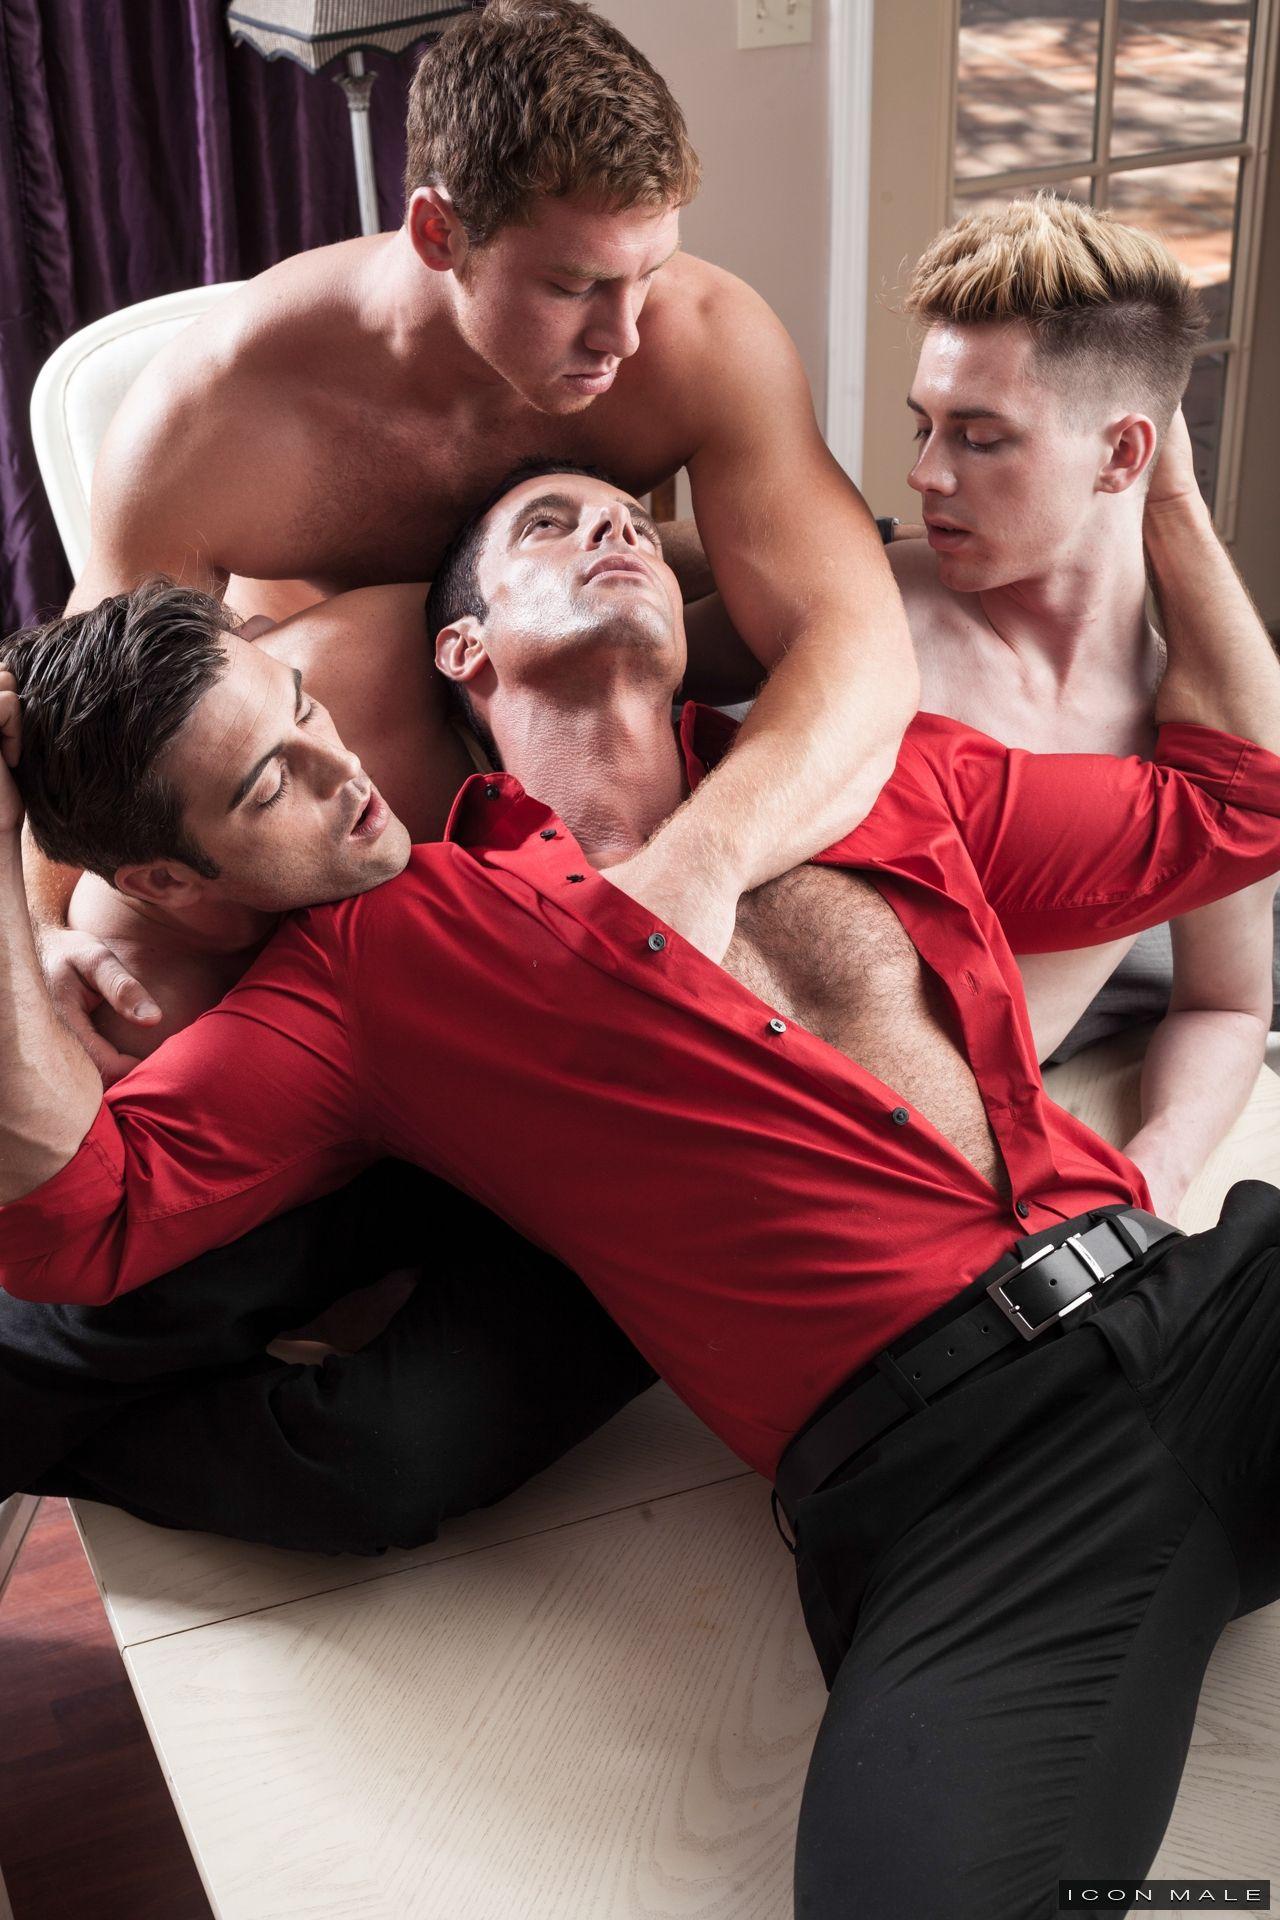 Juicy Boys Gay Videos